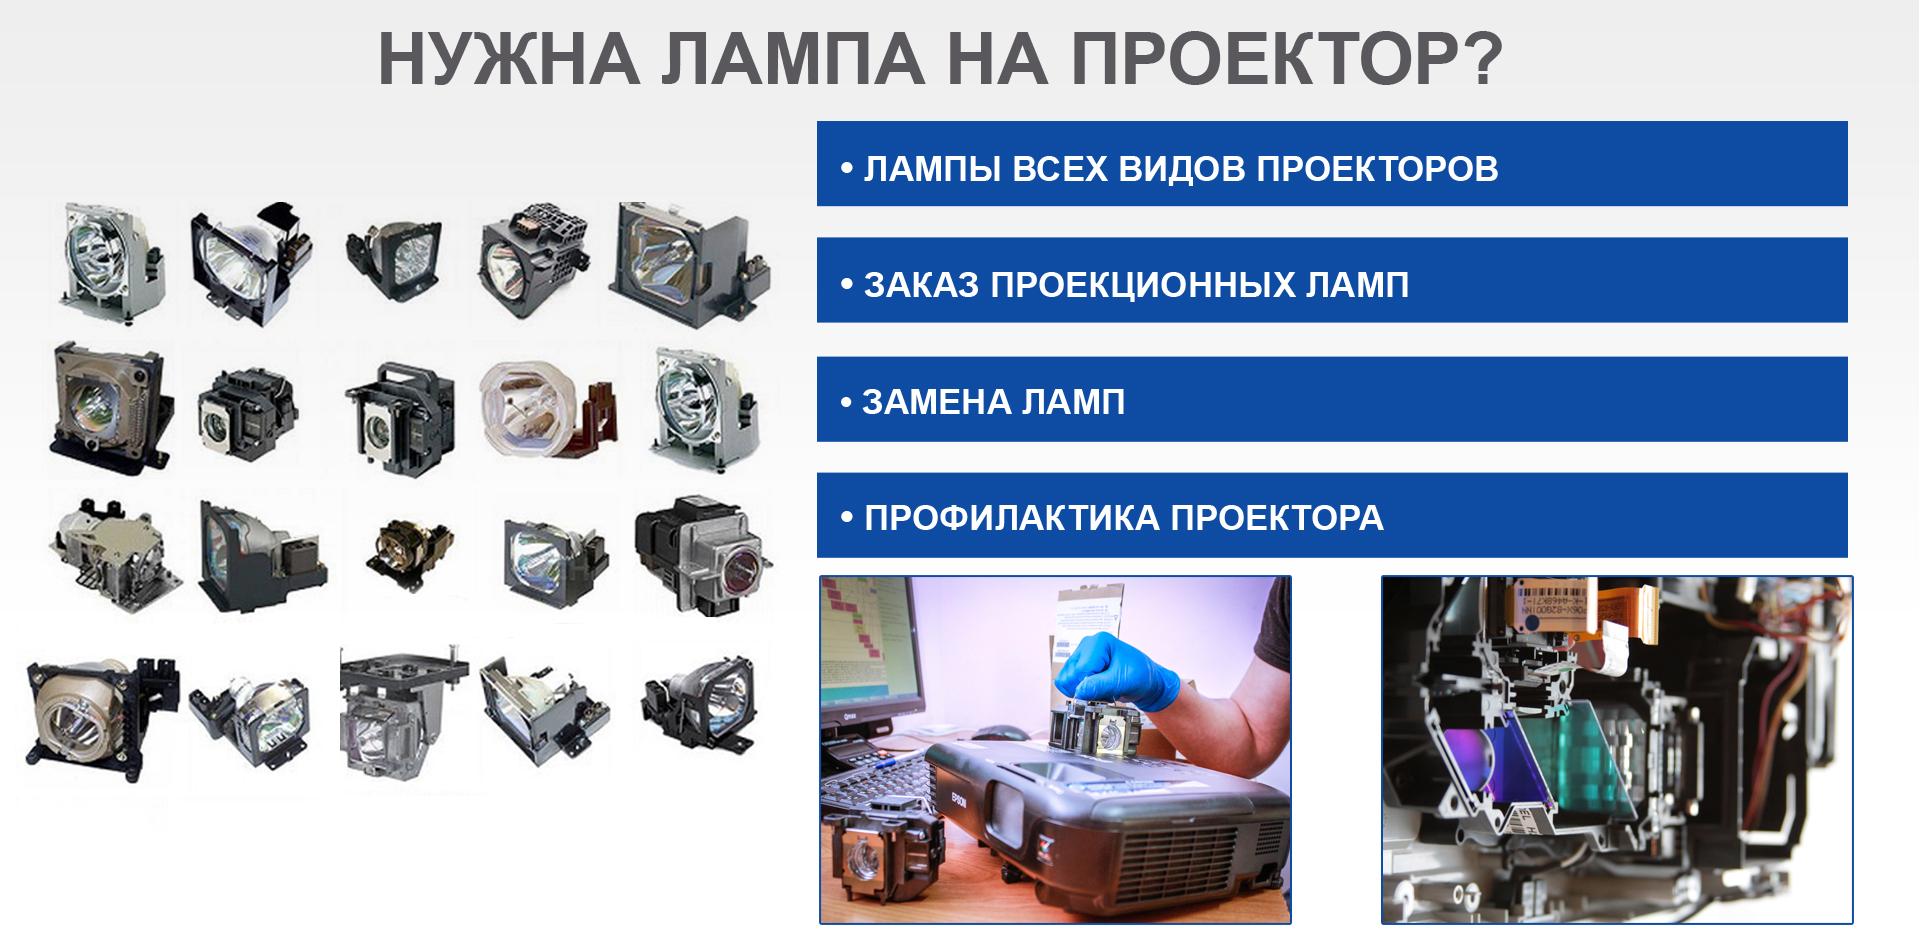 ОБСЛУЖИВАНИЕ ПРОЕКТОРОВ В АСТАНЕ.